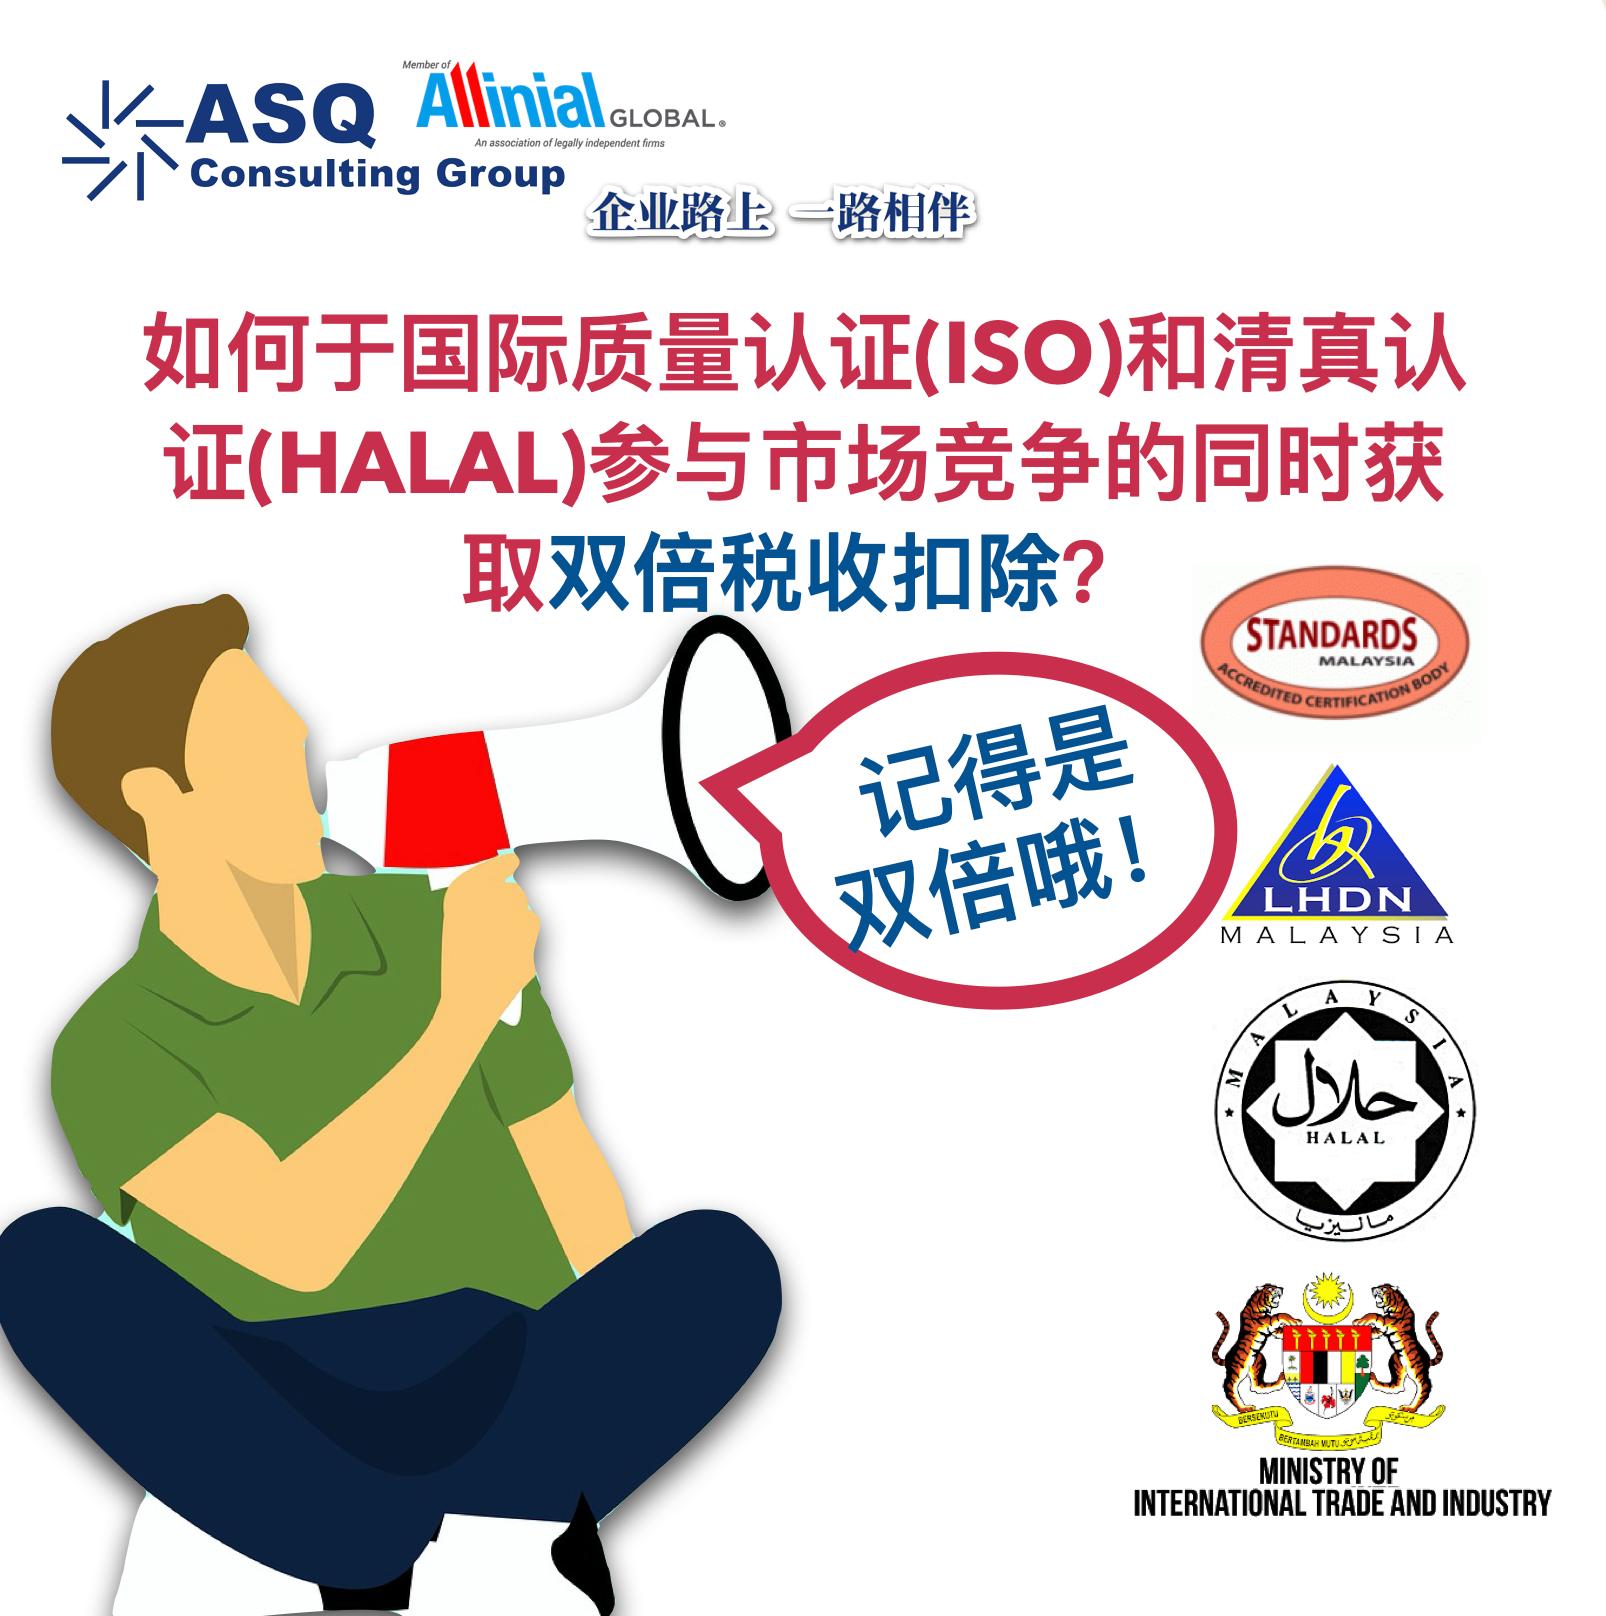 如何于国际质量认证(#ISO)#和清真认证(#HALAL)#参与市场竞争的同时获取双倍税收扣除?